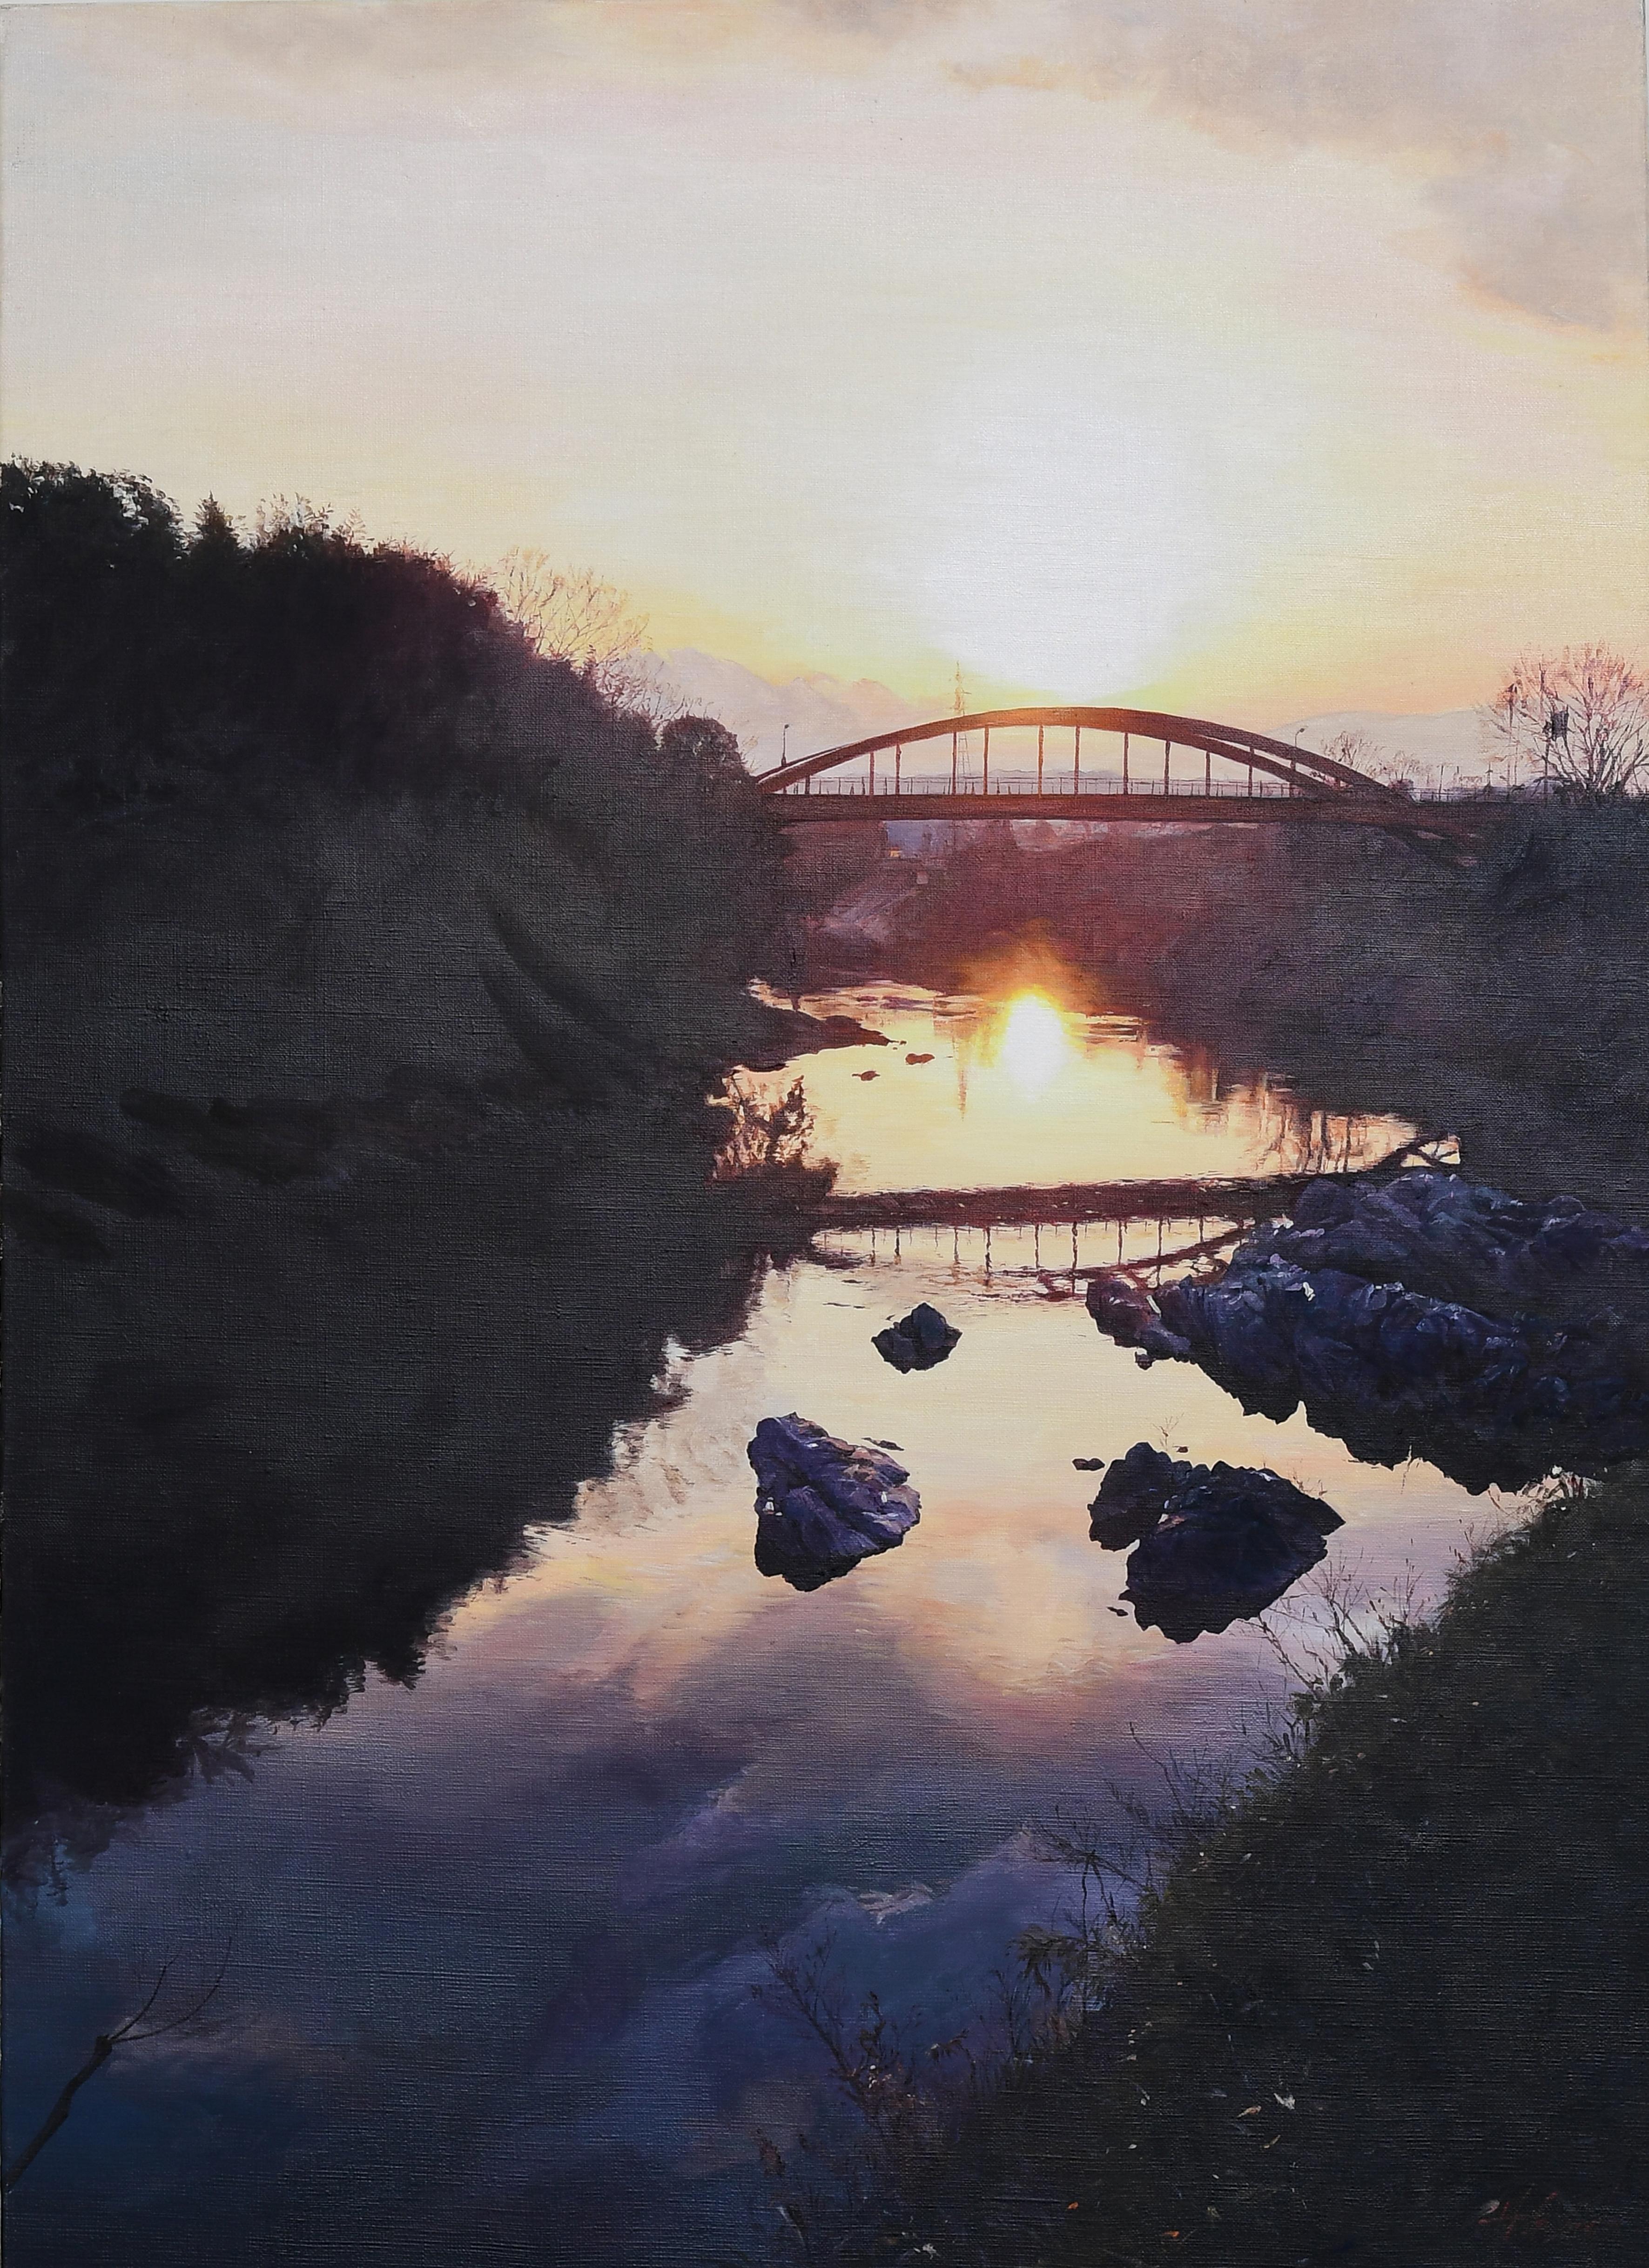 太陽の忘れ物|絵画・油絵・風景画